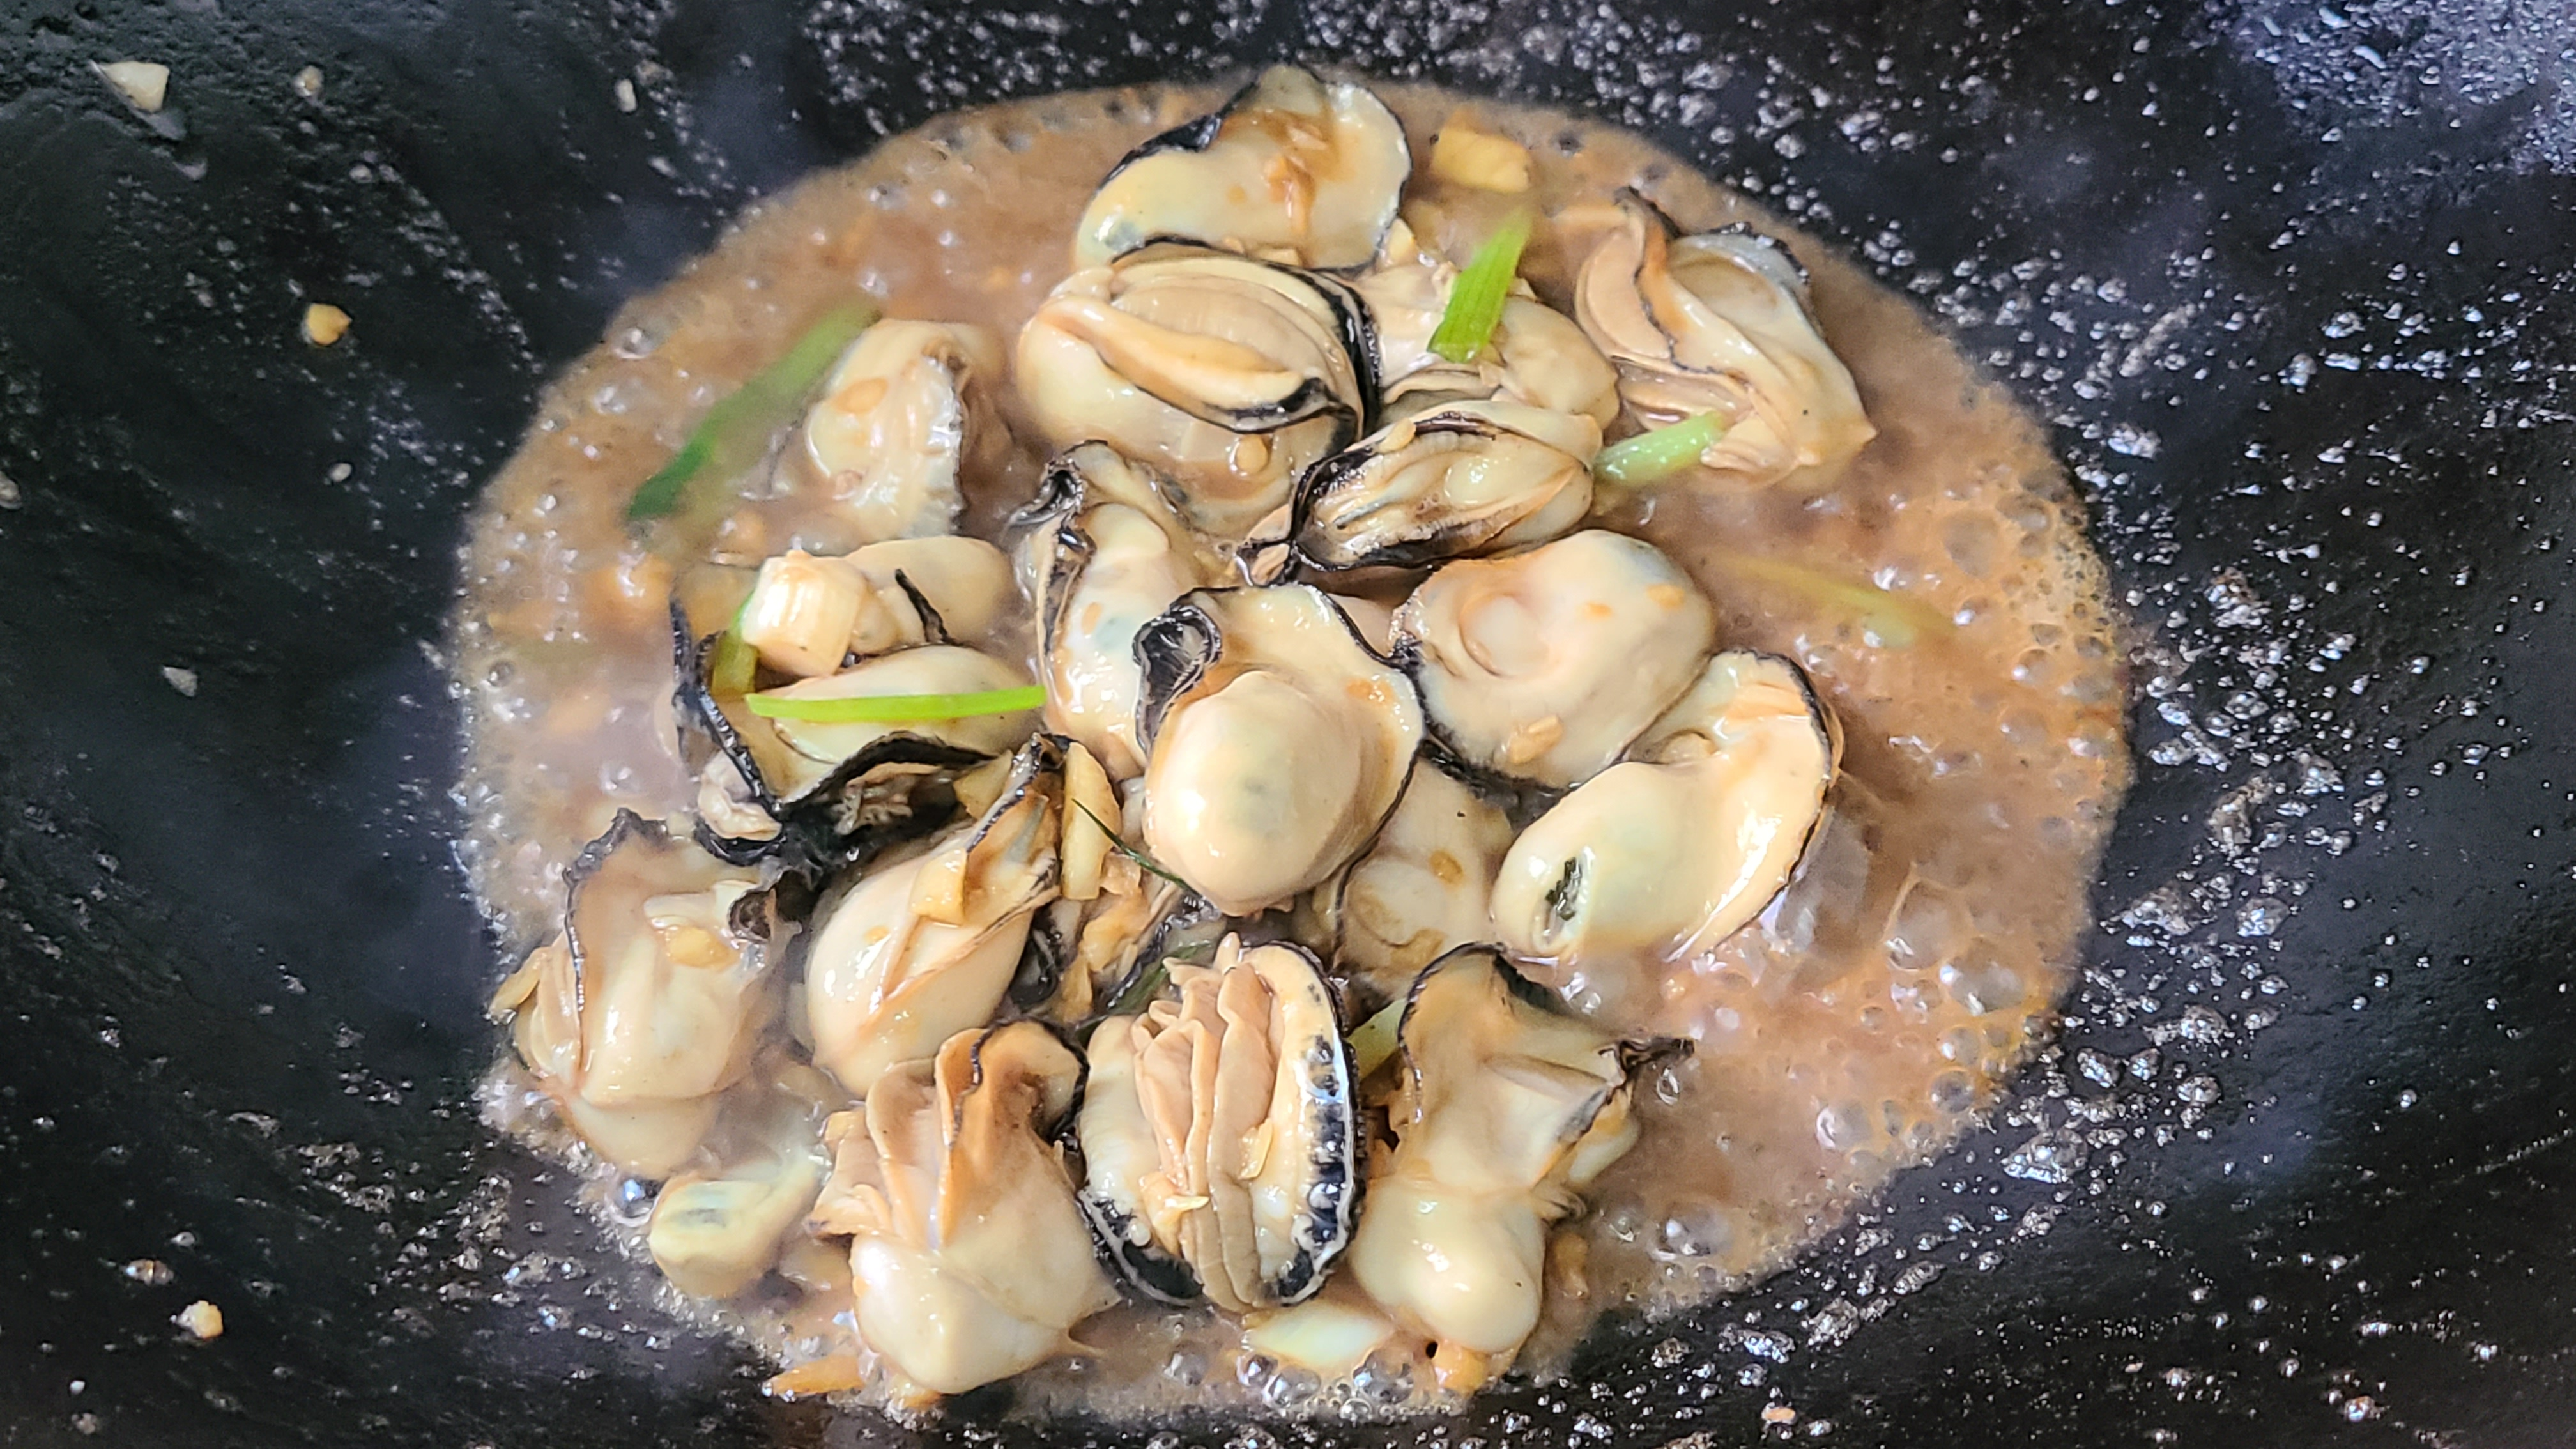 广式炒生蚝原来这么好吃,家常做法味道鲜美,看着就馋了 美食做法 第9张